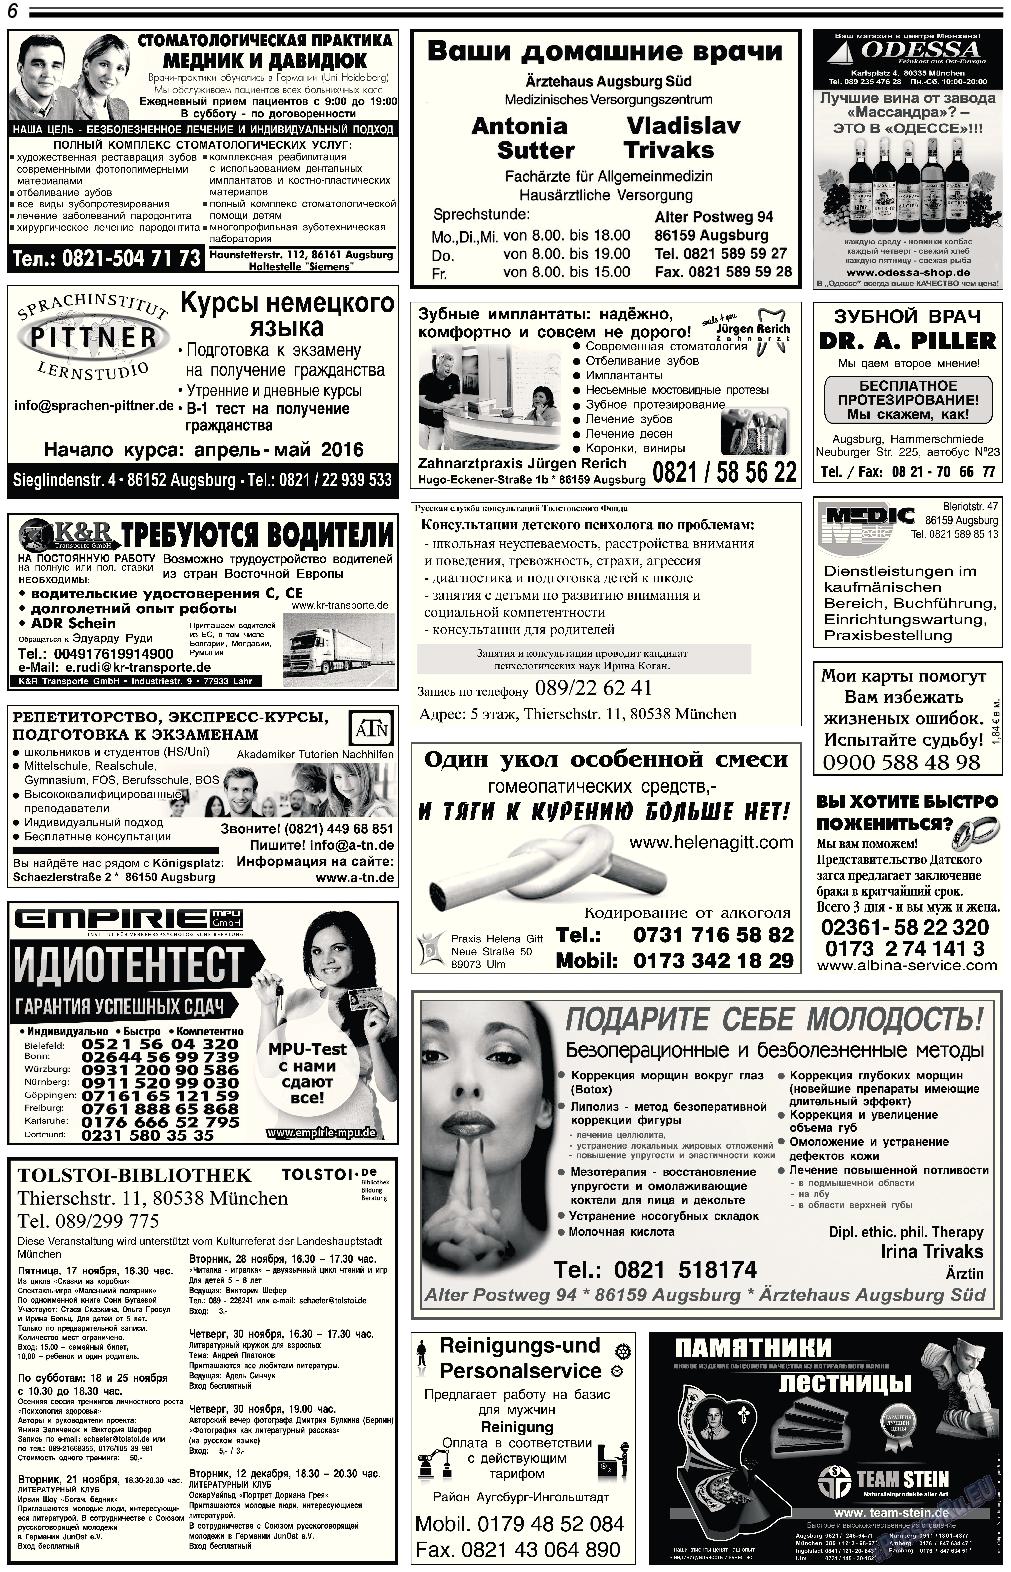 Вечерняя газета (газета). 2017 год, номер 11, стр. 6